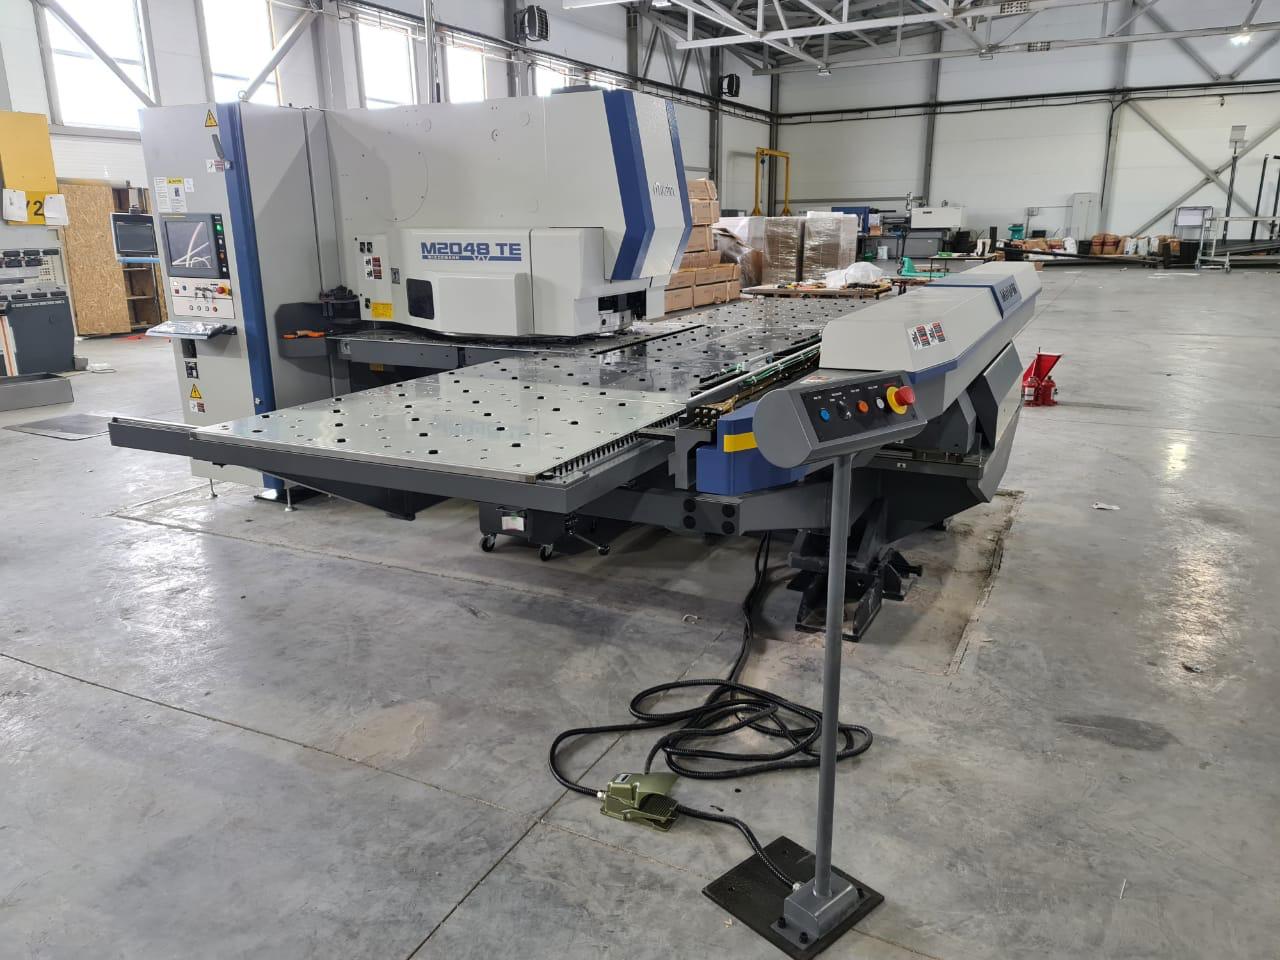 M2048TE Изготовление электрошкафов в Казахстане